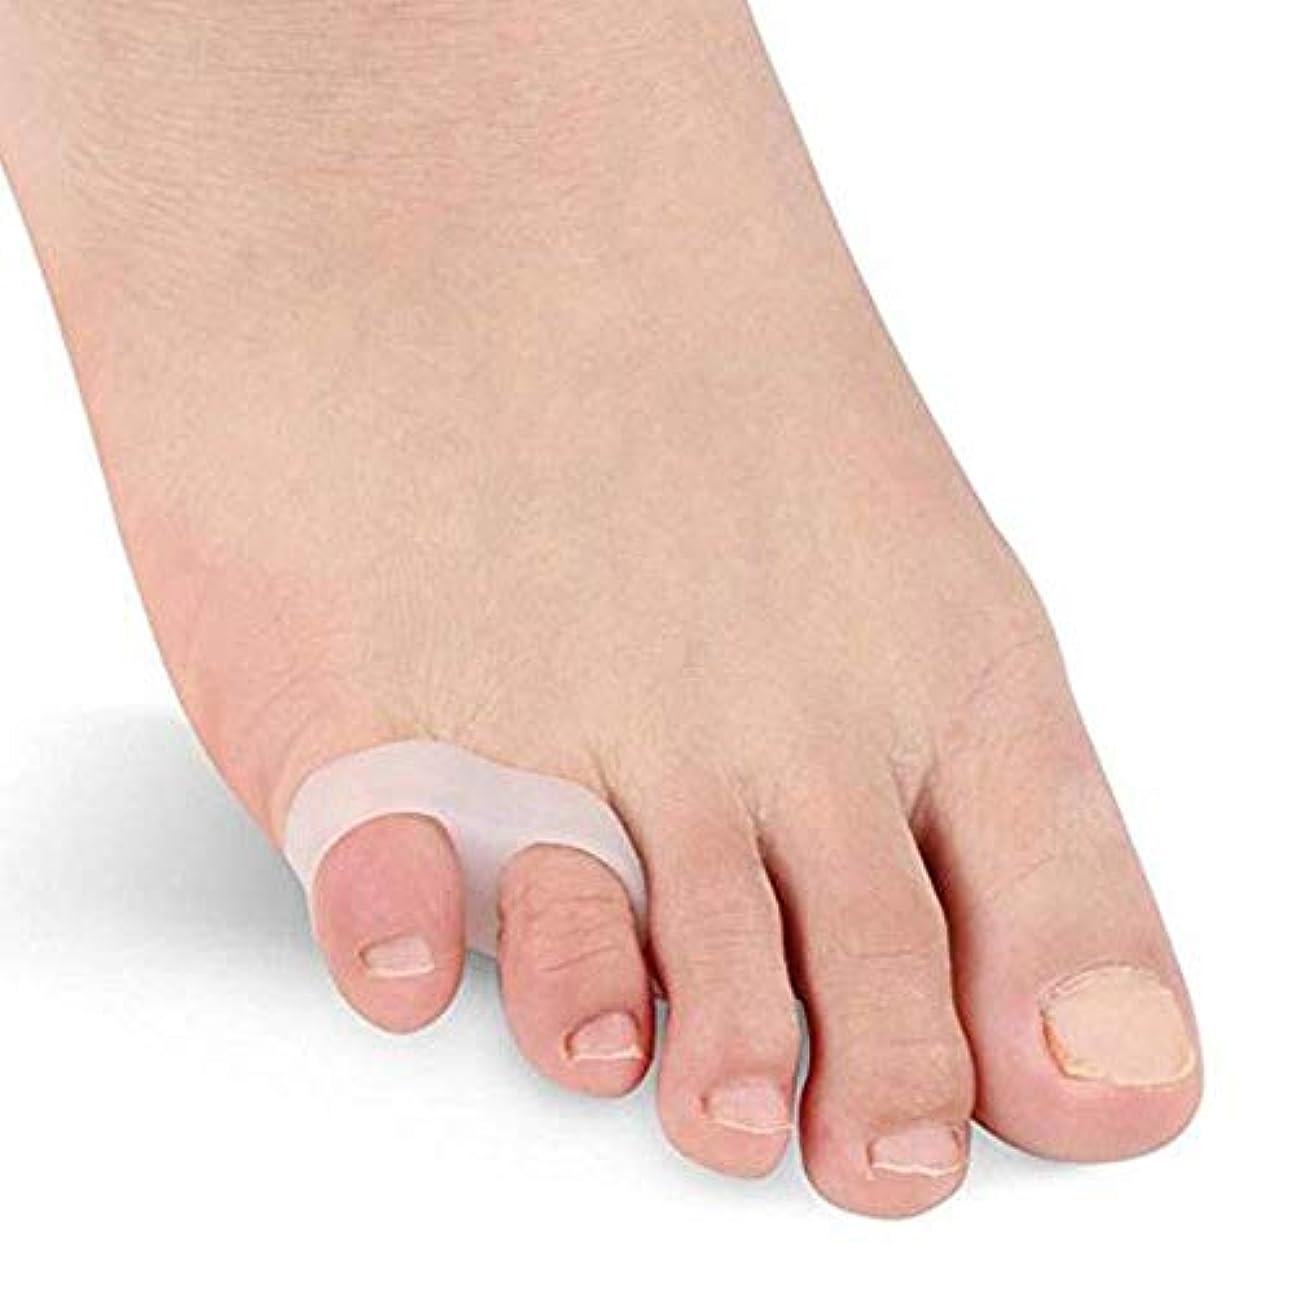 密ギャロップ定義内反小趾 サポーター 足指分離パッド 小指サポーター 内反小趾矯正 内反小趾対策 歩行の負担を軽減 衝撃吸収 足指広げケア セパレーター フィットケア グッズ 男女適用 おしゃれ 人気